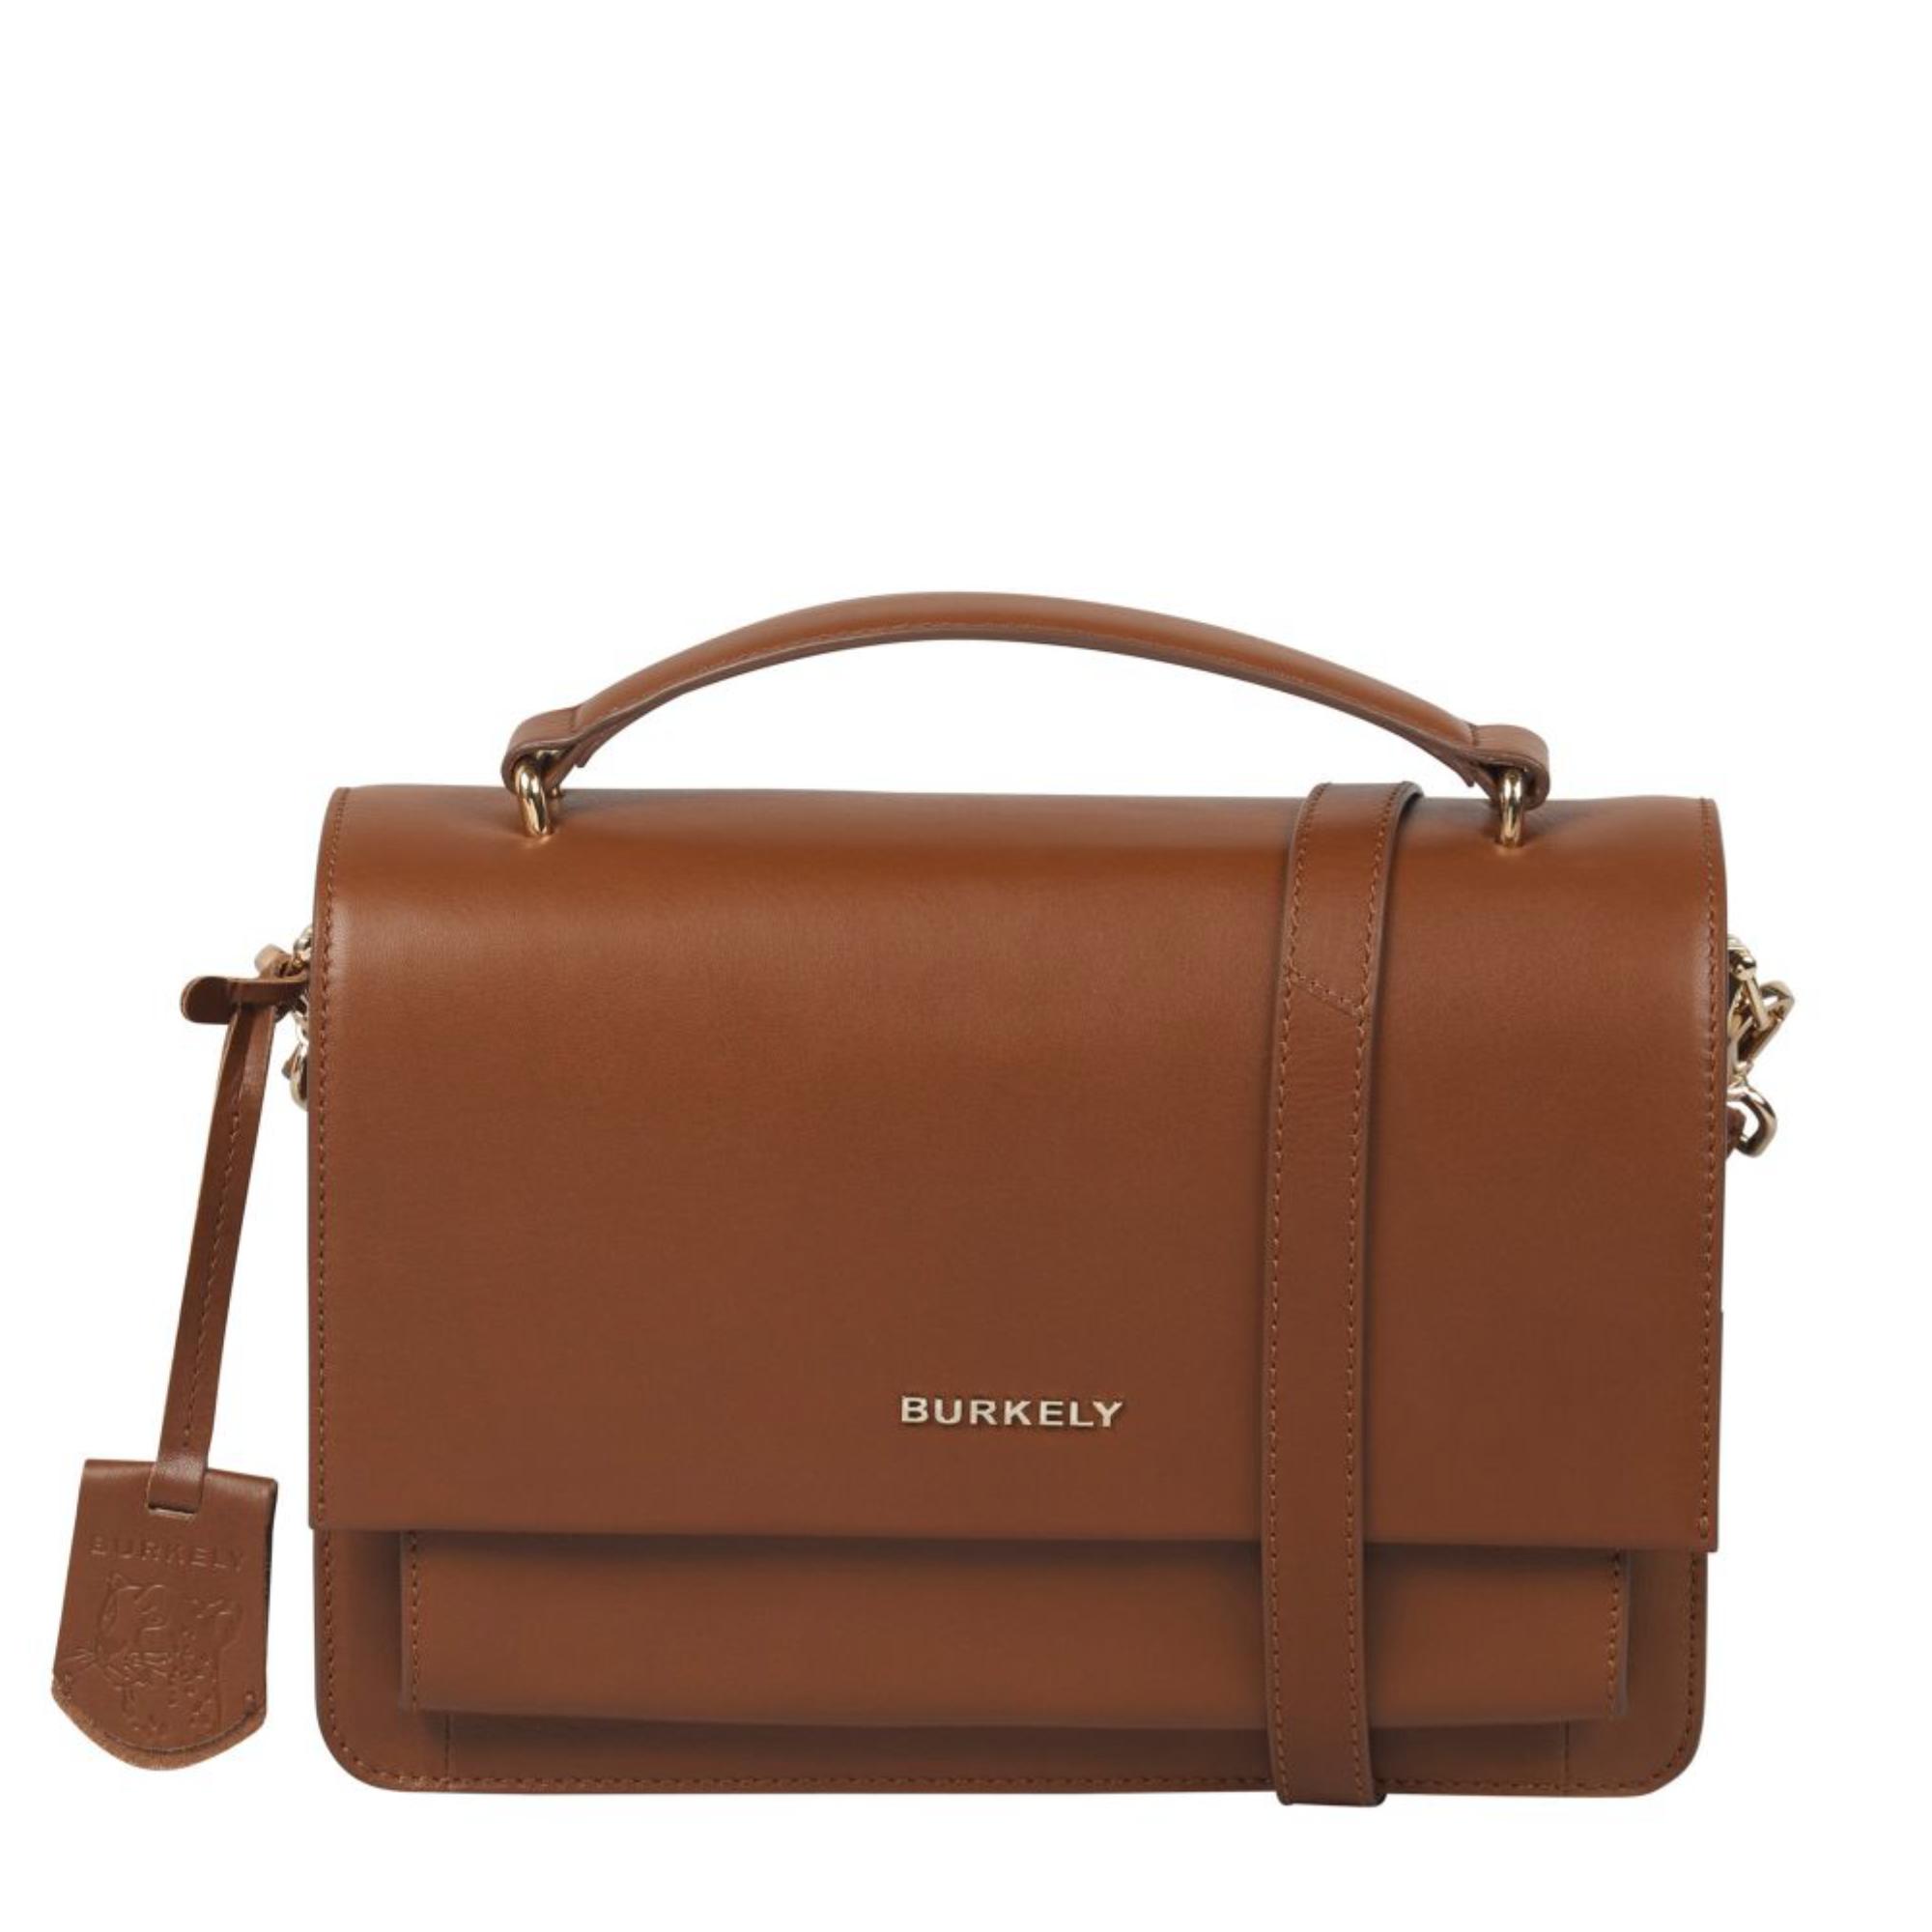 Burkely 1000153 Citybag 43.24 Cognac